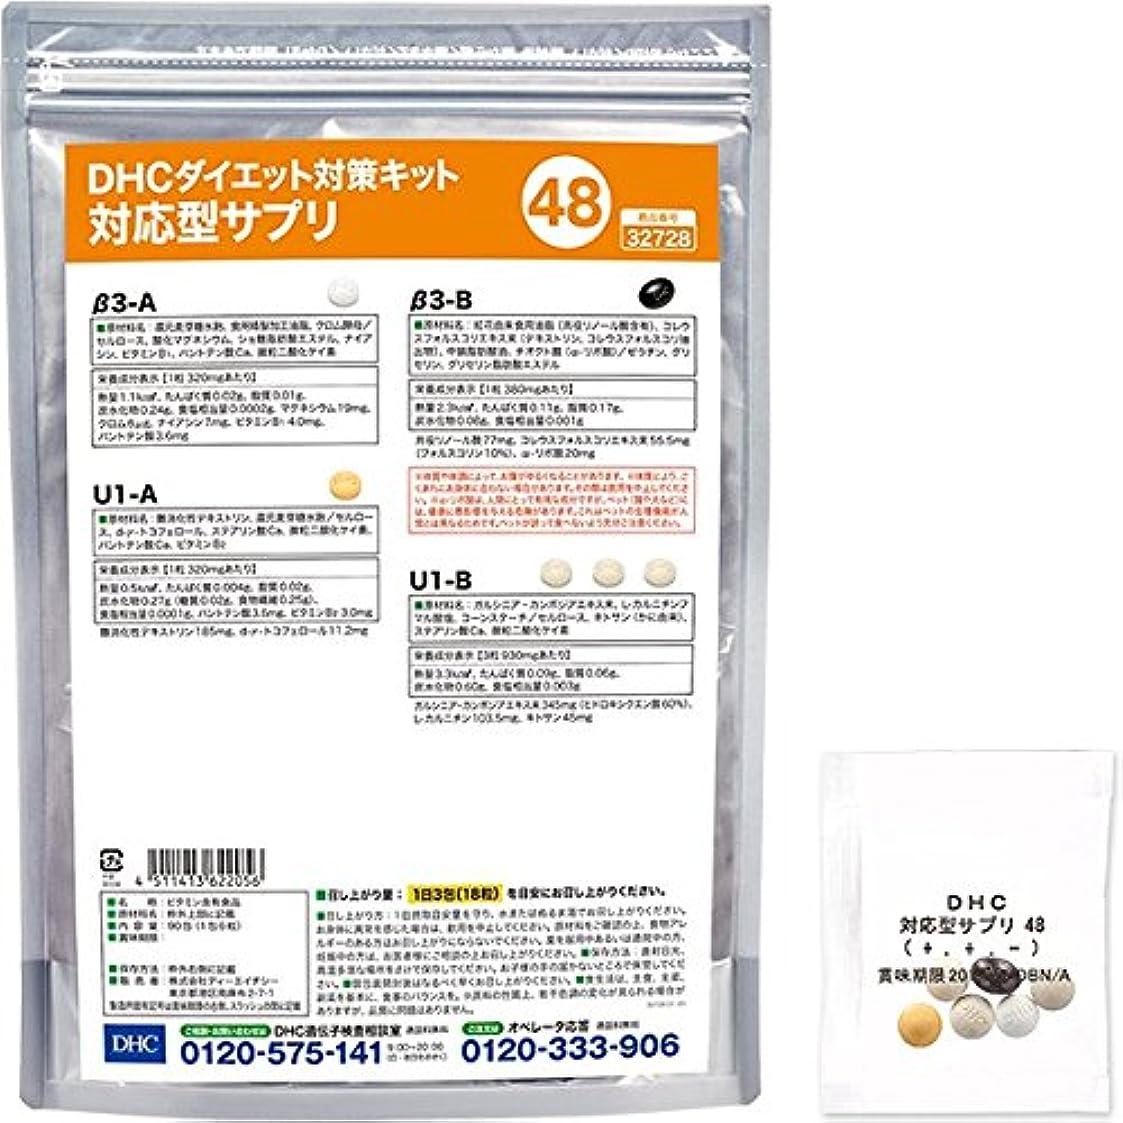 虫ありふれた書くDHCダイエット対策キット対応型サプリ48